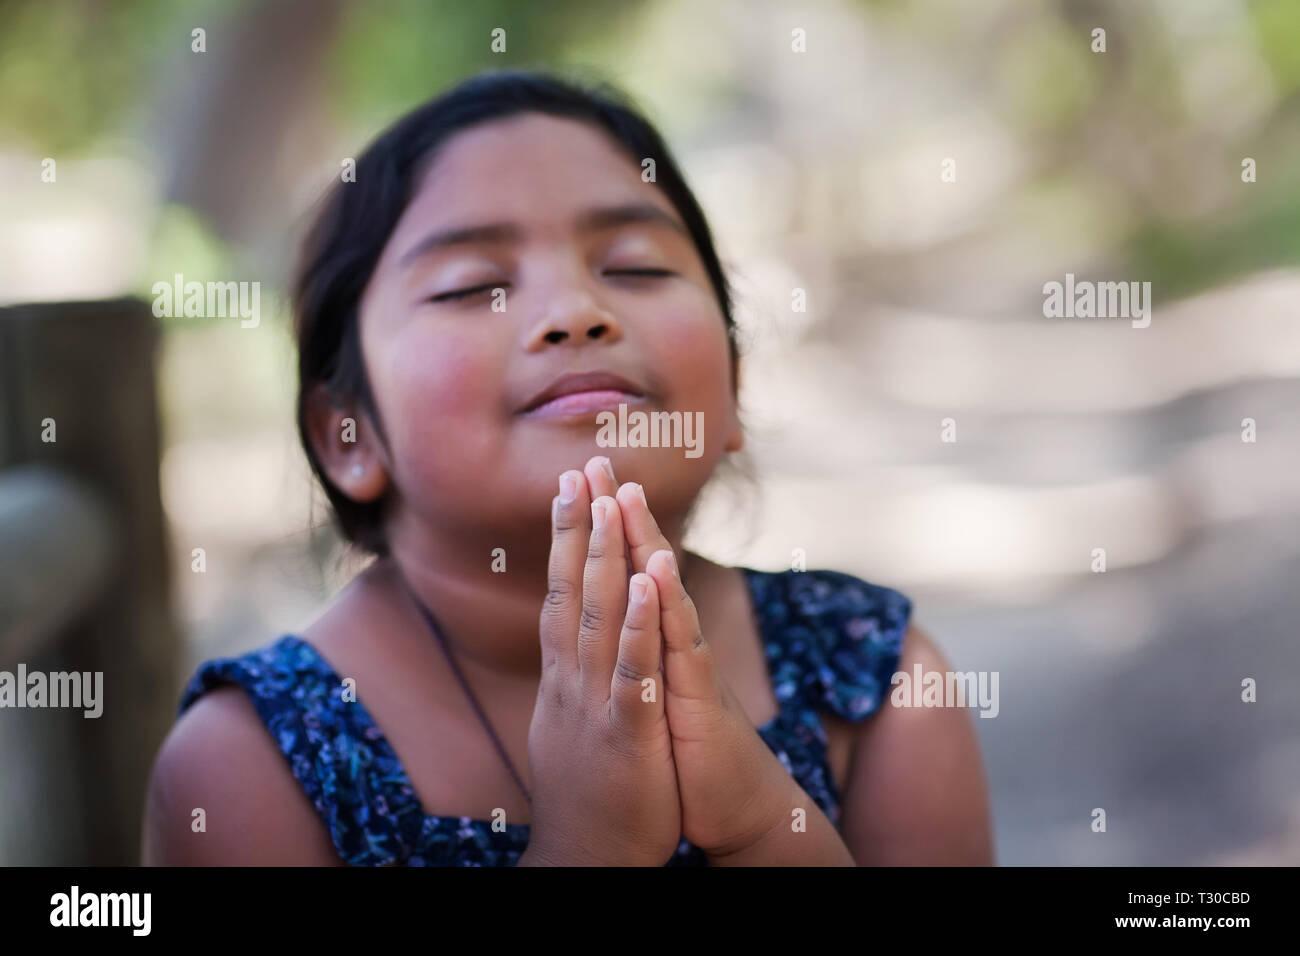 Una chica joven nativa con las manos juntas en oración, en un escenario al aire libre en oración a Dios con una sonrisa sutil. Imagen De Stock